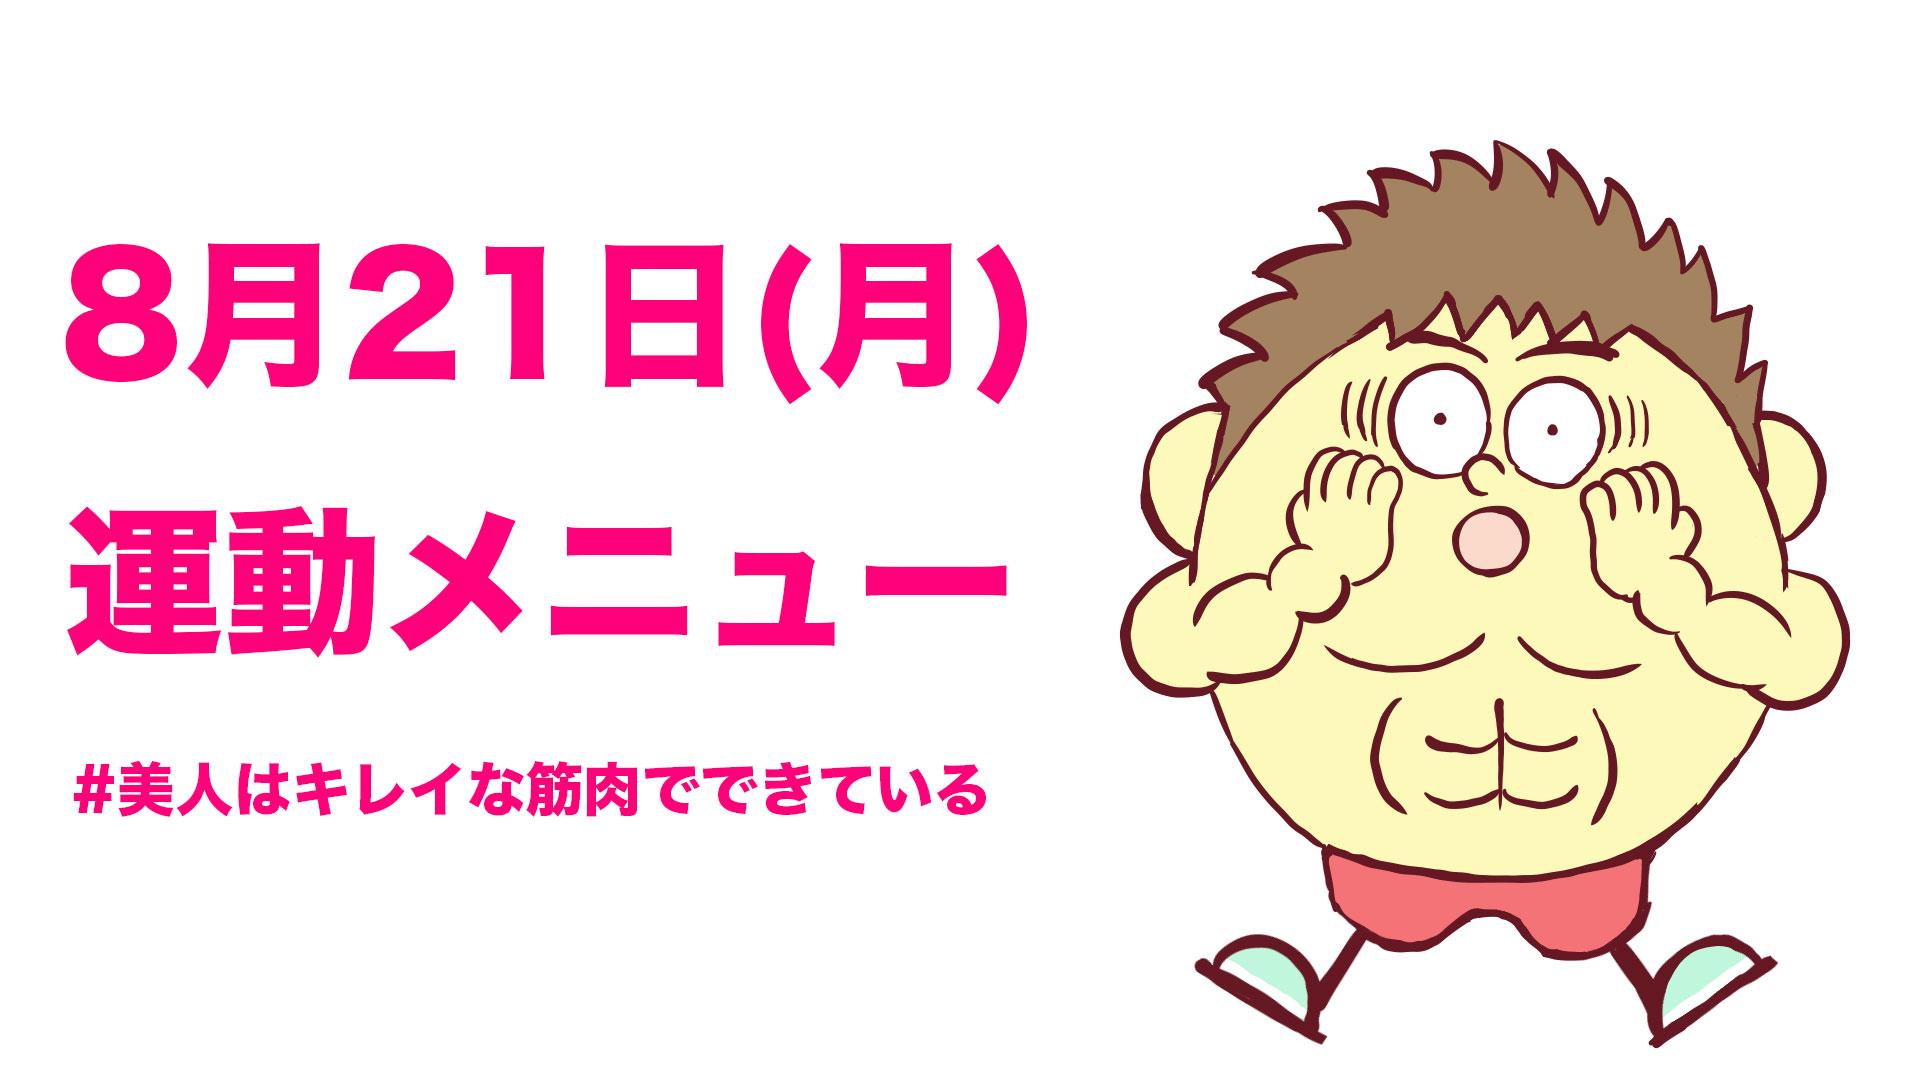 8/21の運動メニュー!